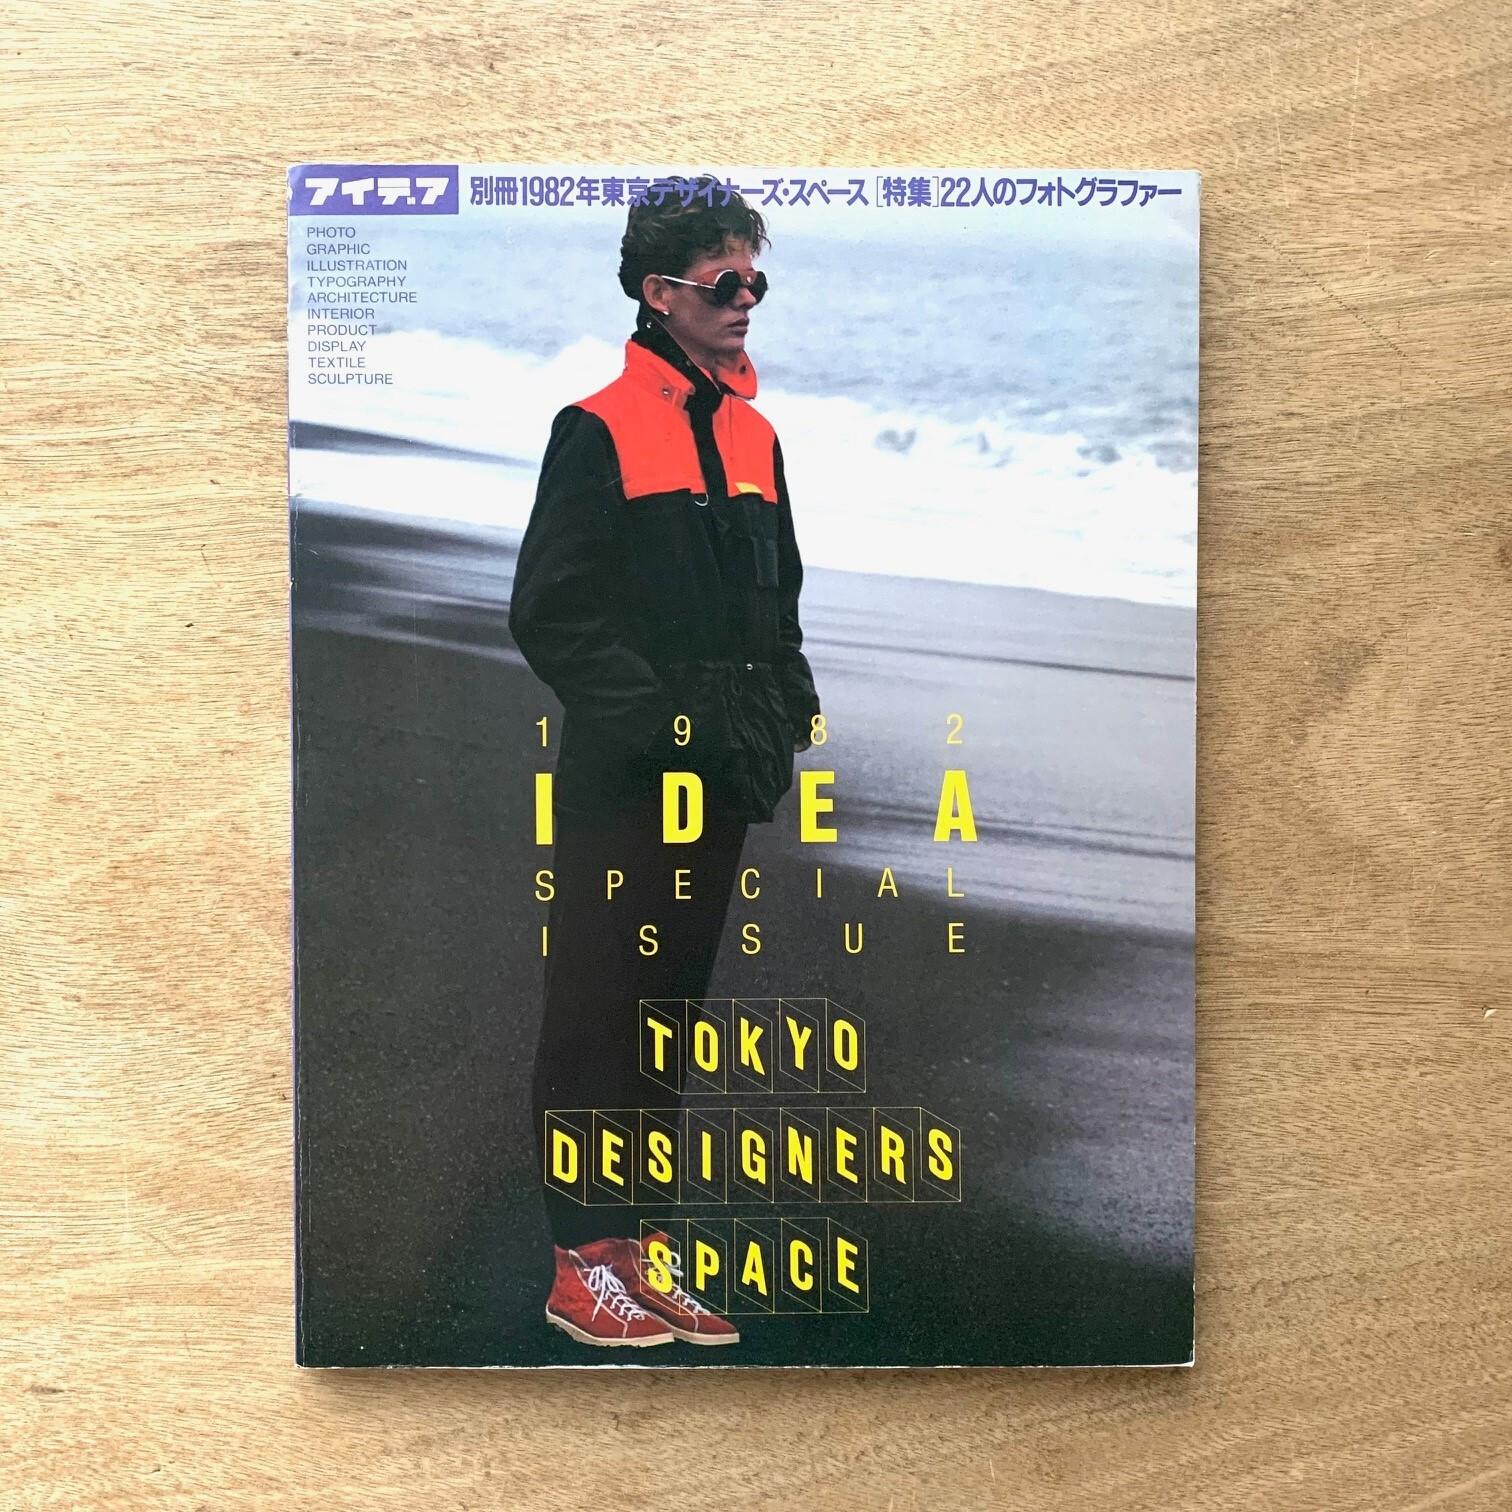 東京デザイナーズ・スペース 1982年 <アイデア別冊 特集 : 22人のフォトグラファー>